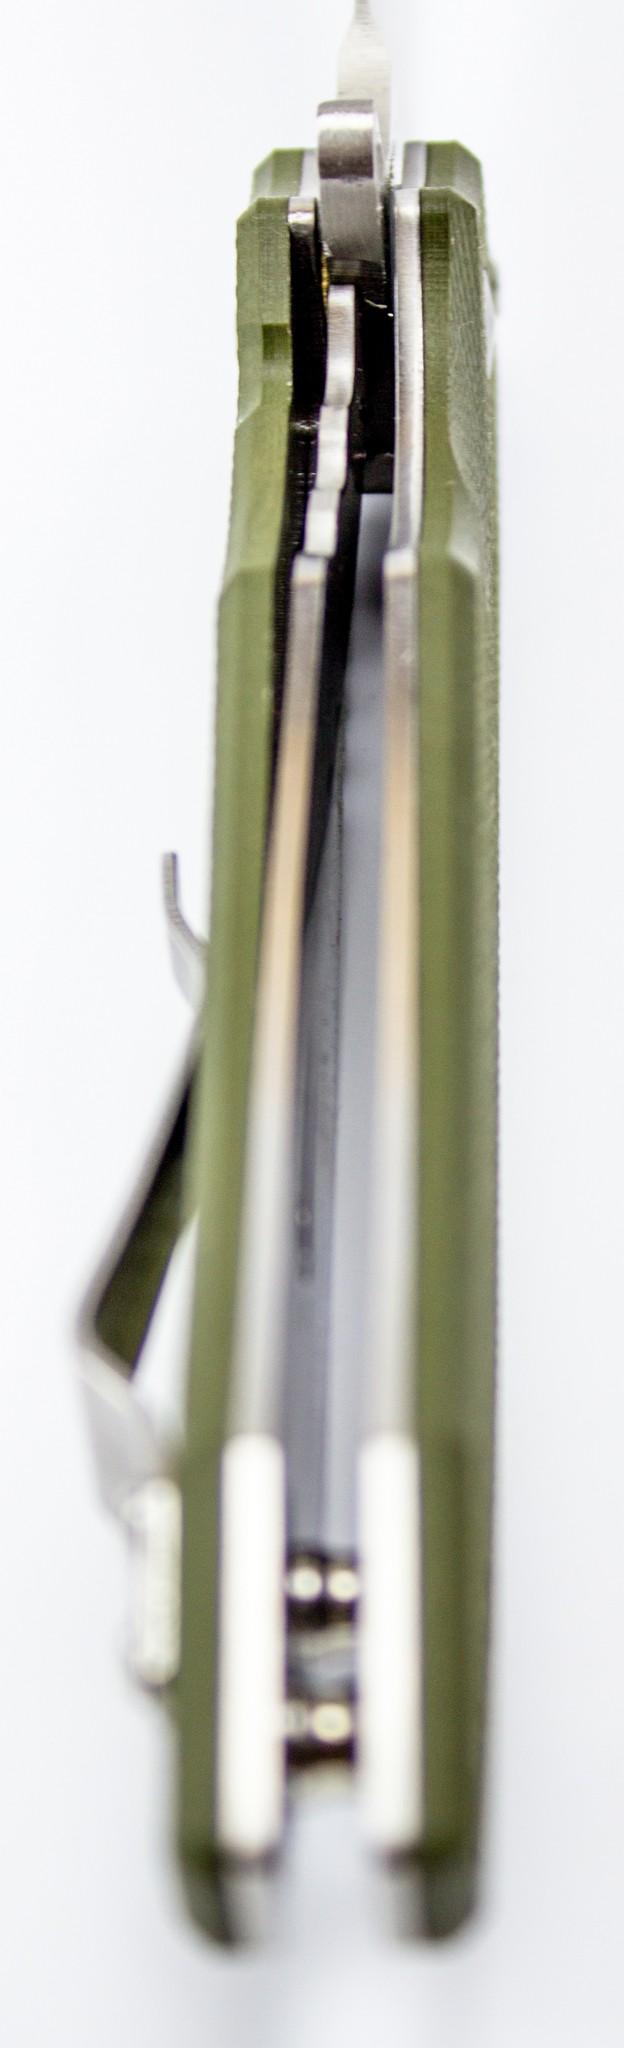 Фото 3 - Складной нож ENLAN EW от Steelclaw